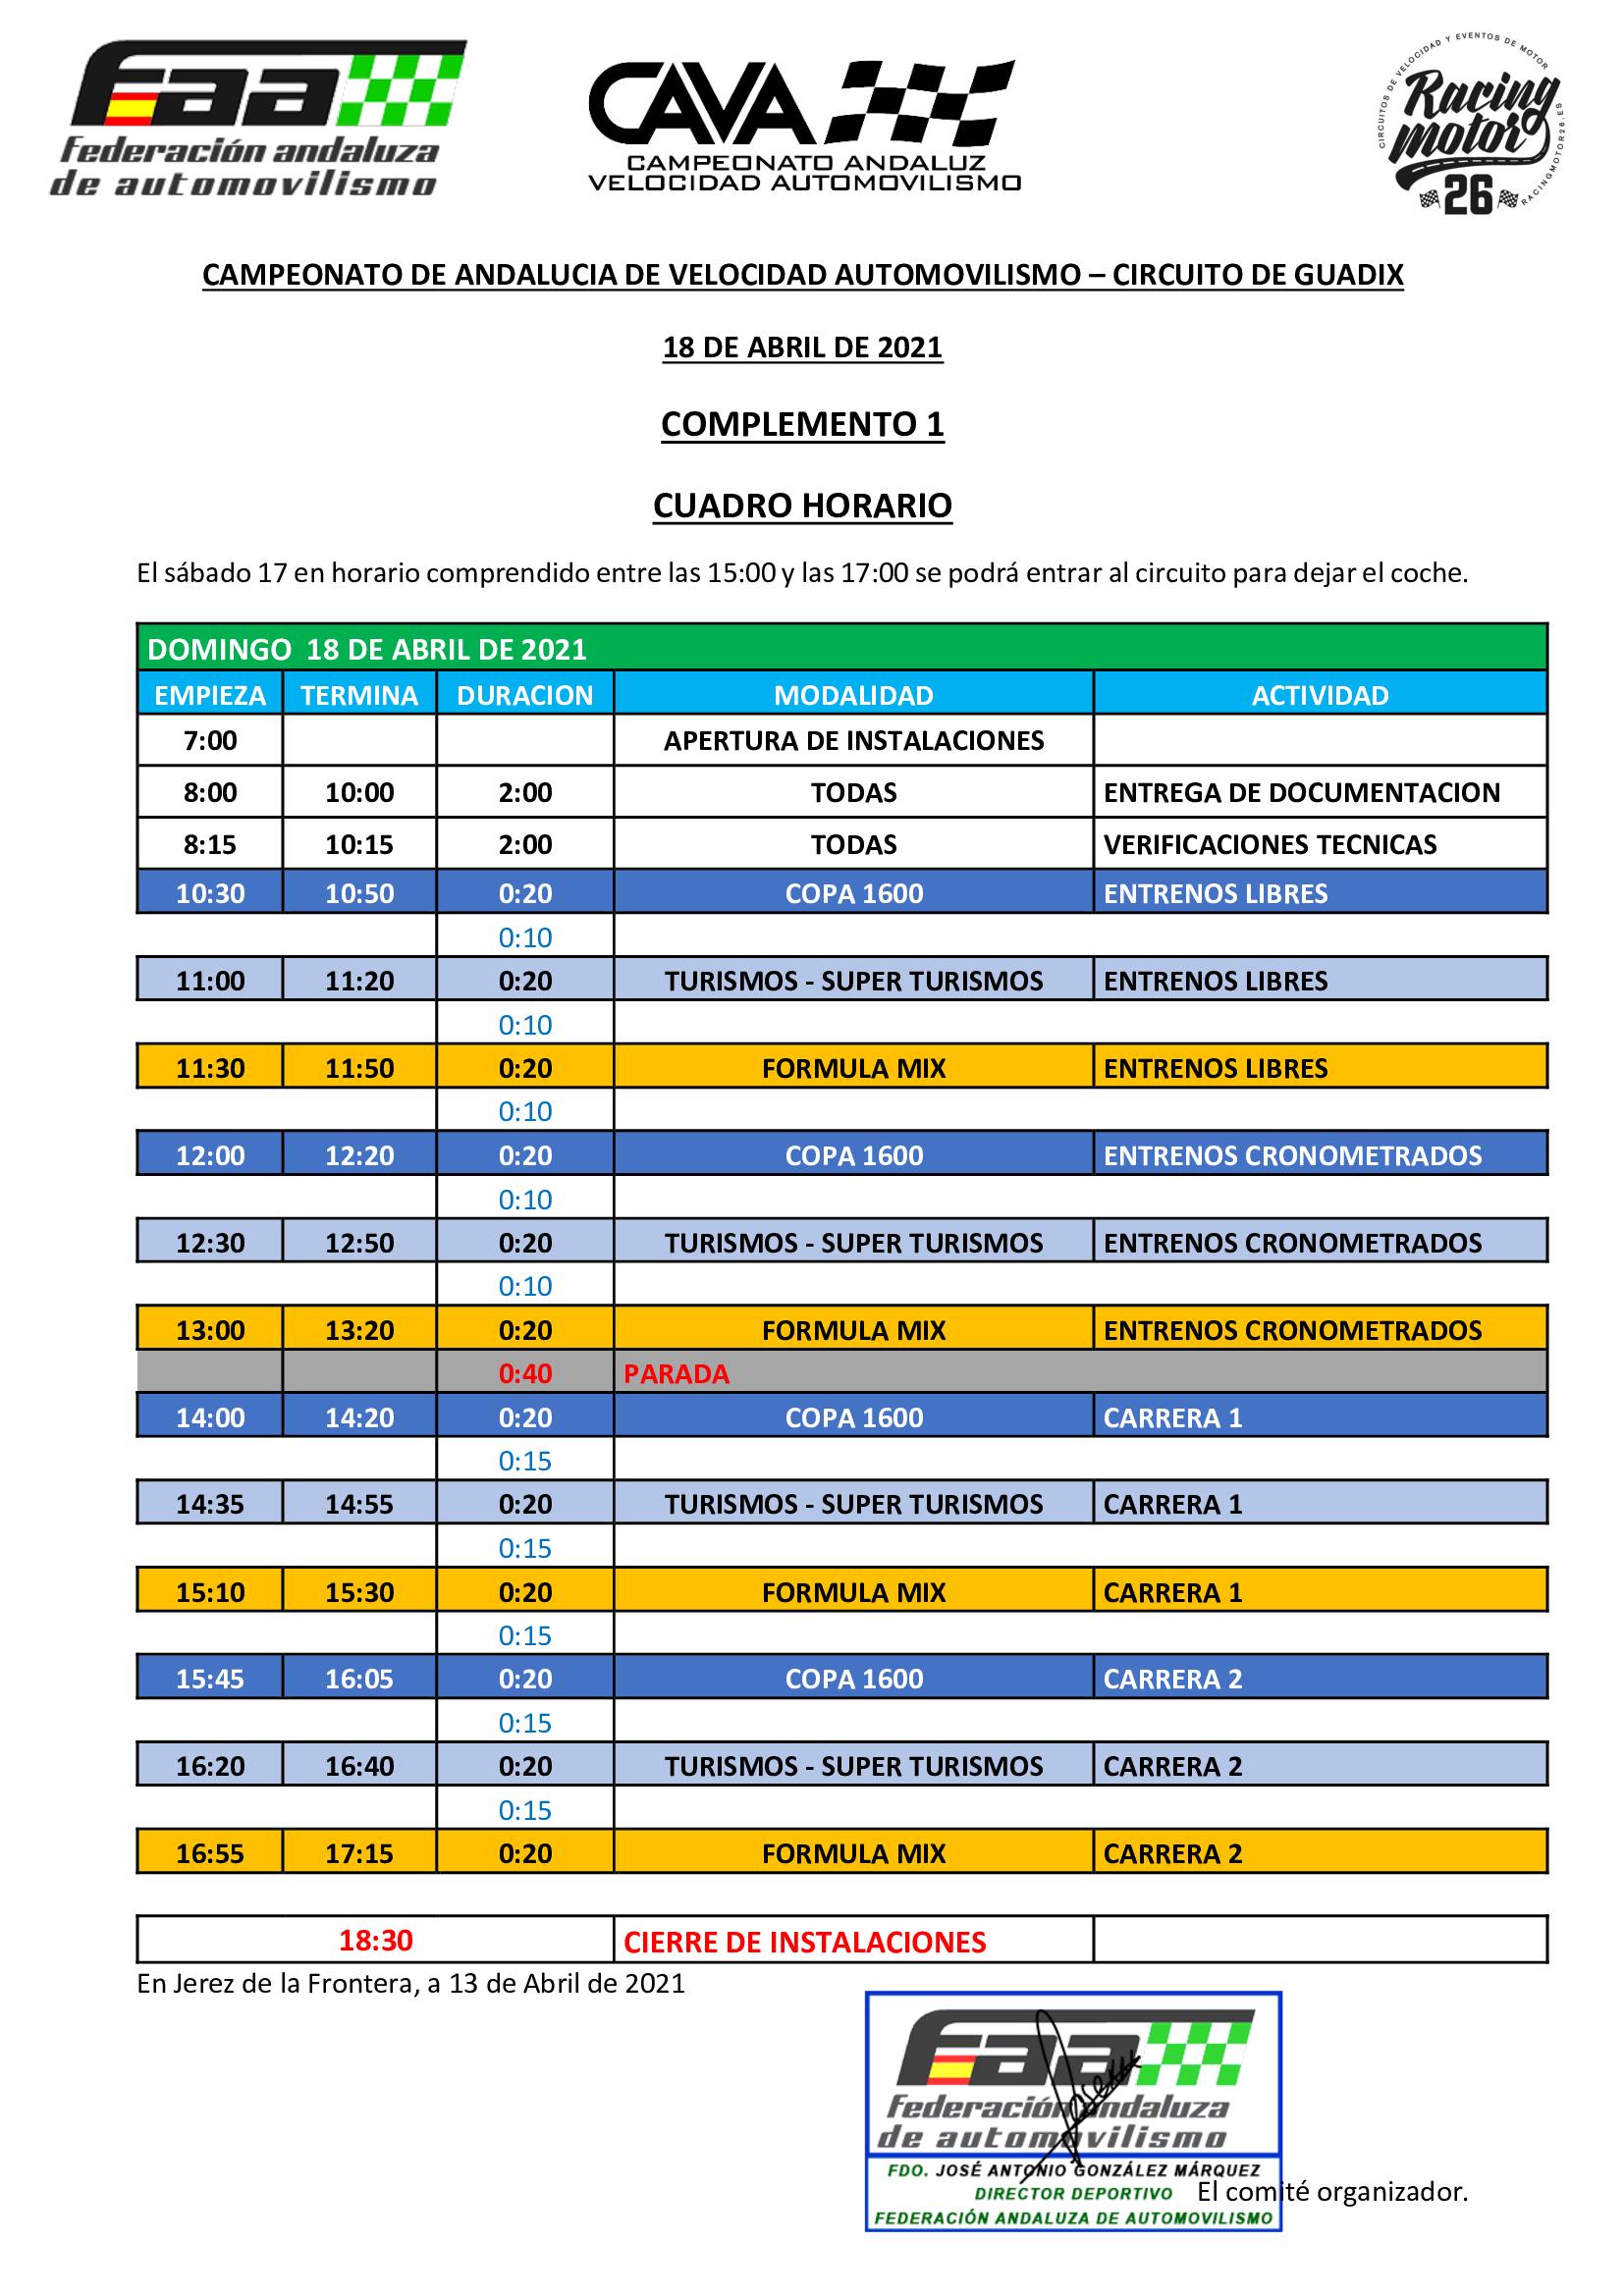 Horarios Campeonato Andaluz Velocidad Automovilismo - Guadix